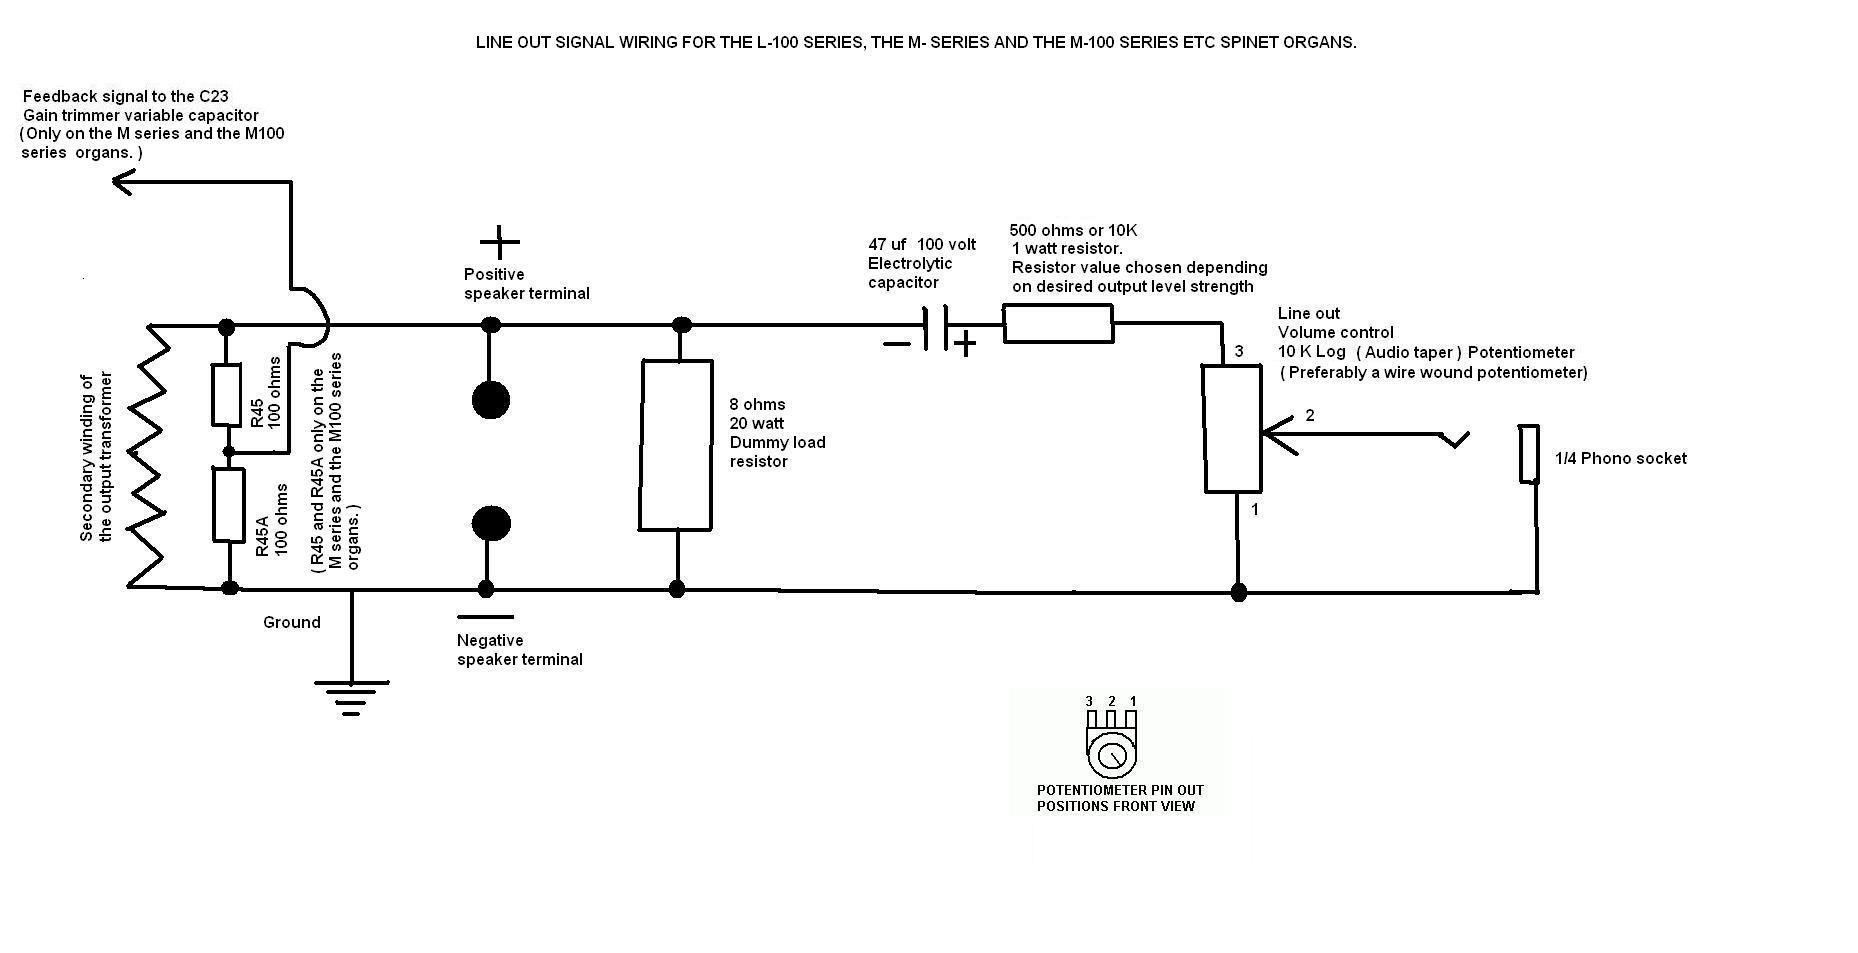 HAM] Schematics on tube organ schematic, vibrolux reverb schematic, hammond m2, leslie 147 schematic, guitar rectifier schematic, yamaha organ schematic, kustom bass amp schematic, leslie 122 schematic, kustom 100 schematic, peavey combo 300 schematic, fender jazz bass schematic, 6au6 preamp schematic, kustom preamp schematic, hammond cv preamp, hammond transformer wiring diagrams, grid tie inverter schematic, wurlitzer organ schematic, 145 leslie preamp schematic,